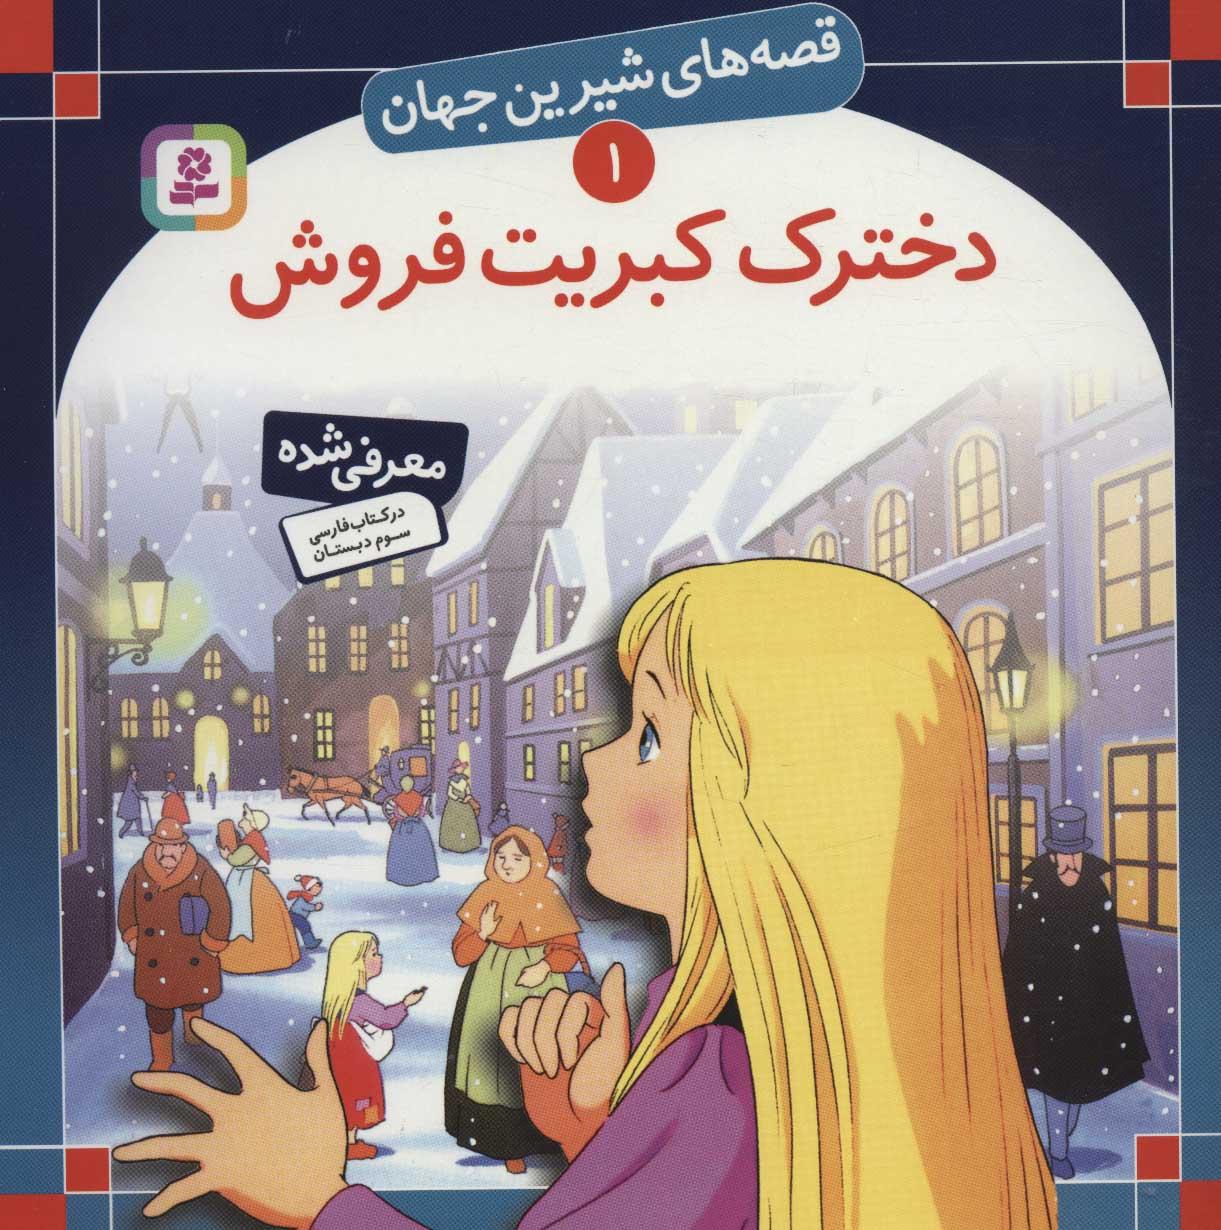 قصه های شیرین جهان 1 (دخترک کبریت فروش)